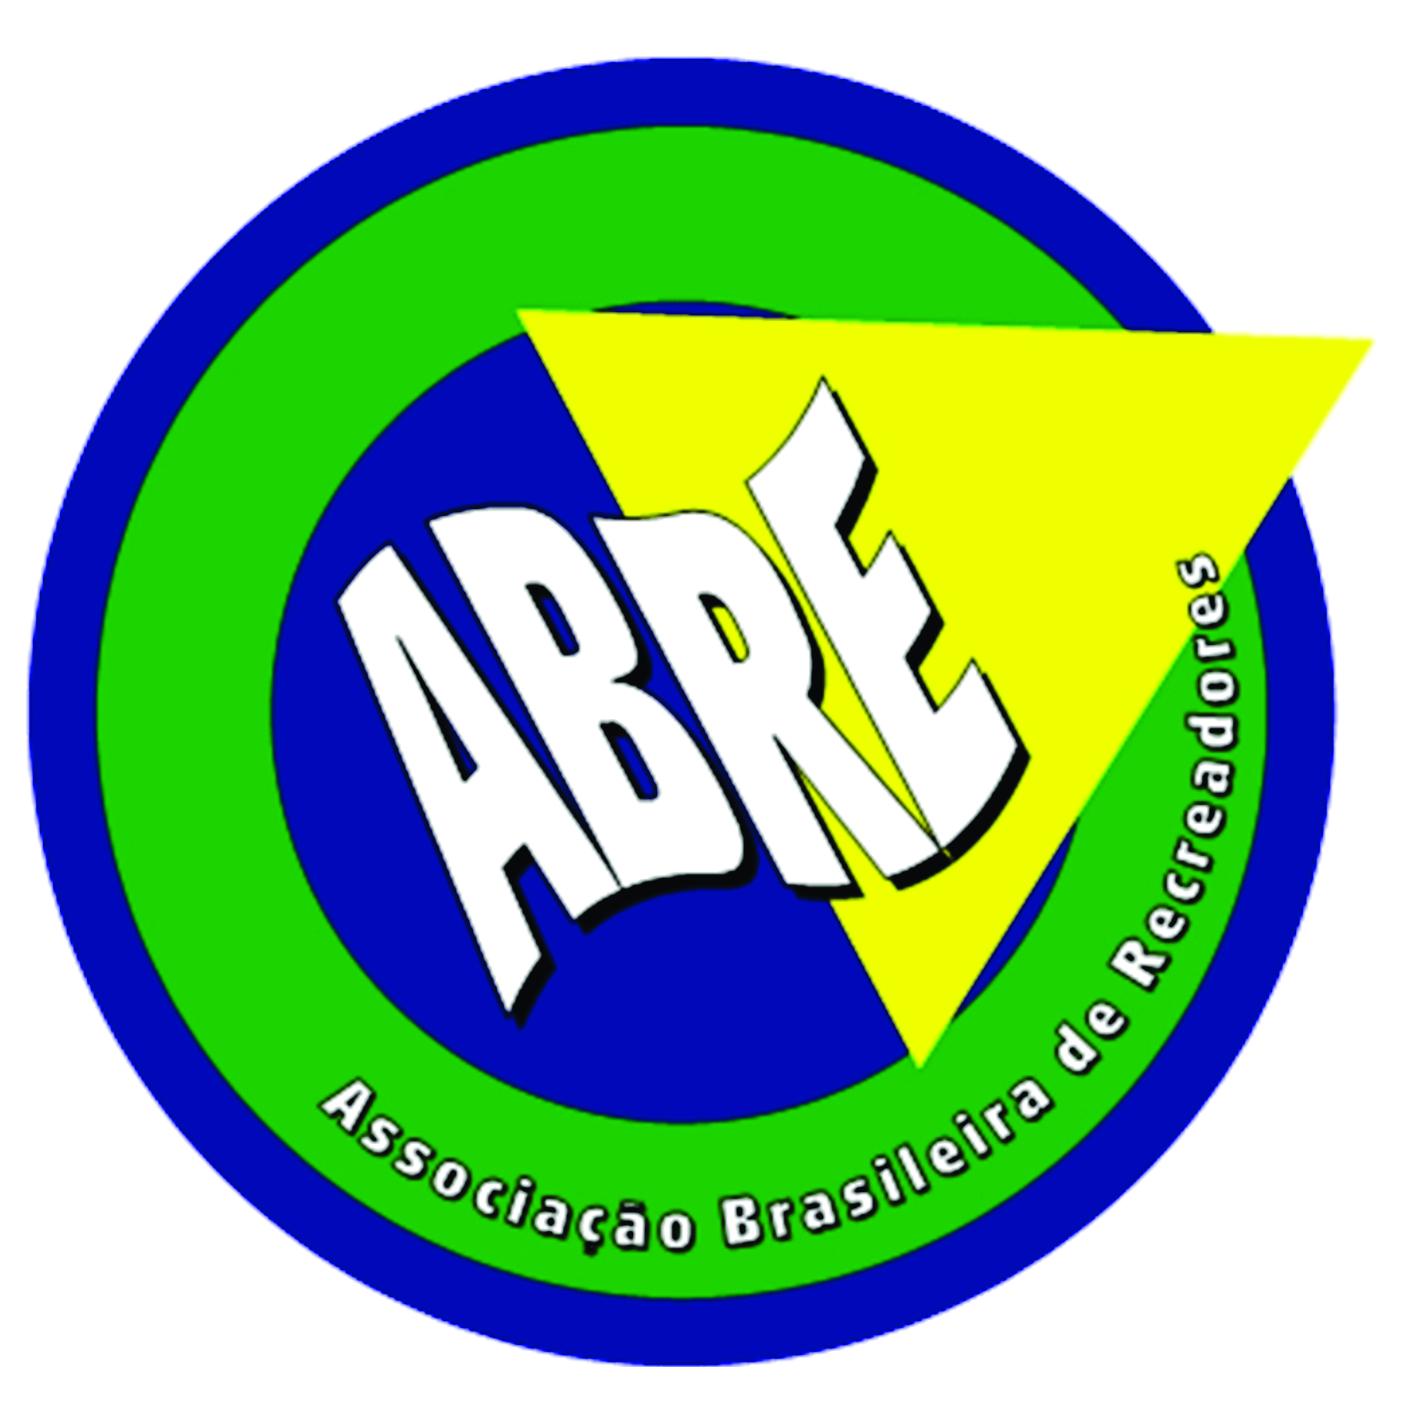 ABRE - Associação Brasileira de Recreadores